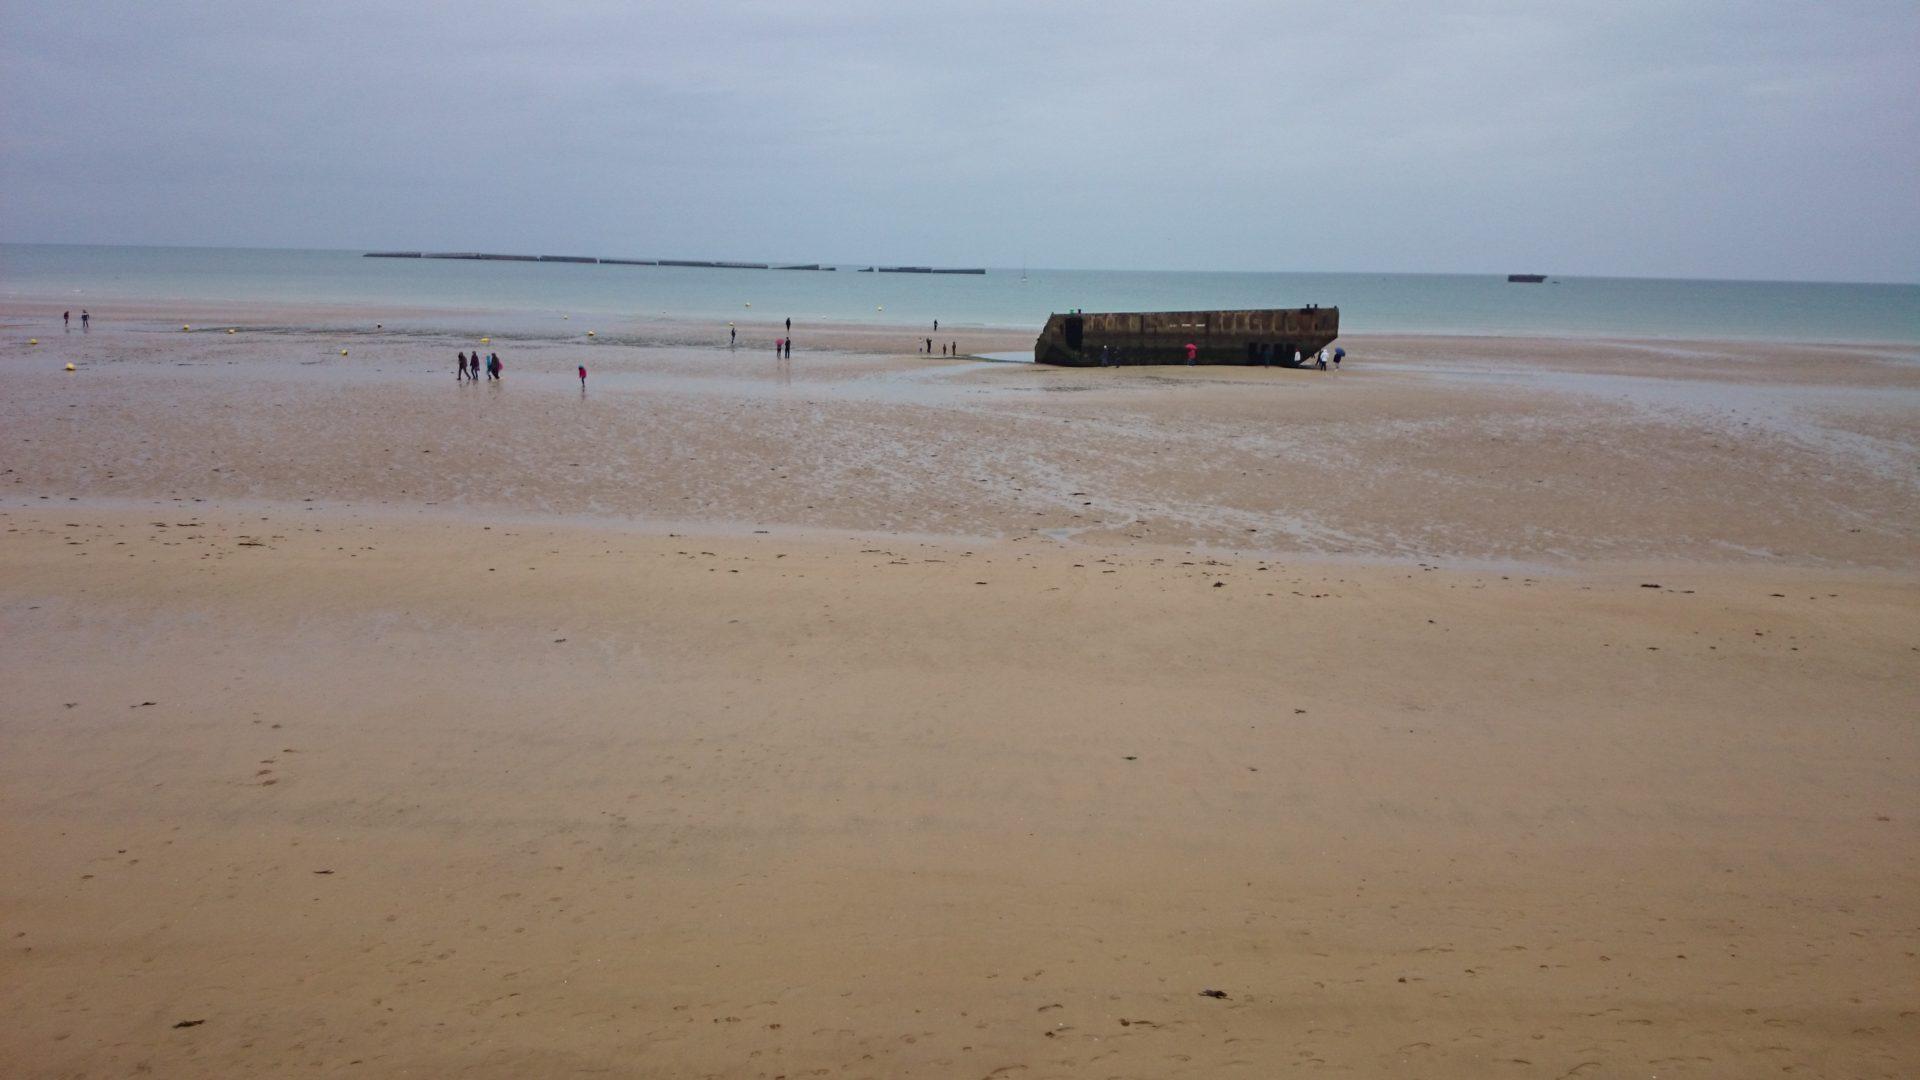 arromanches cosa vedere spiagge sbarco normandia